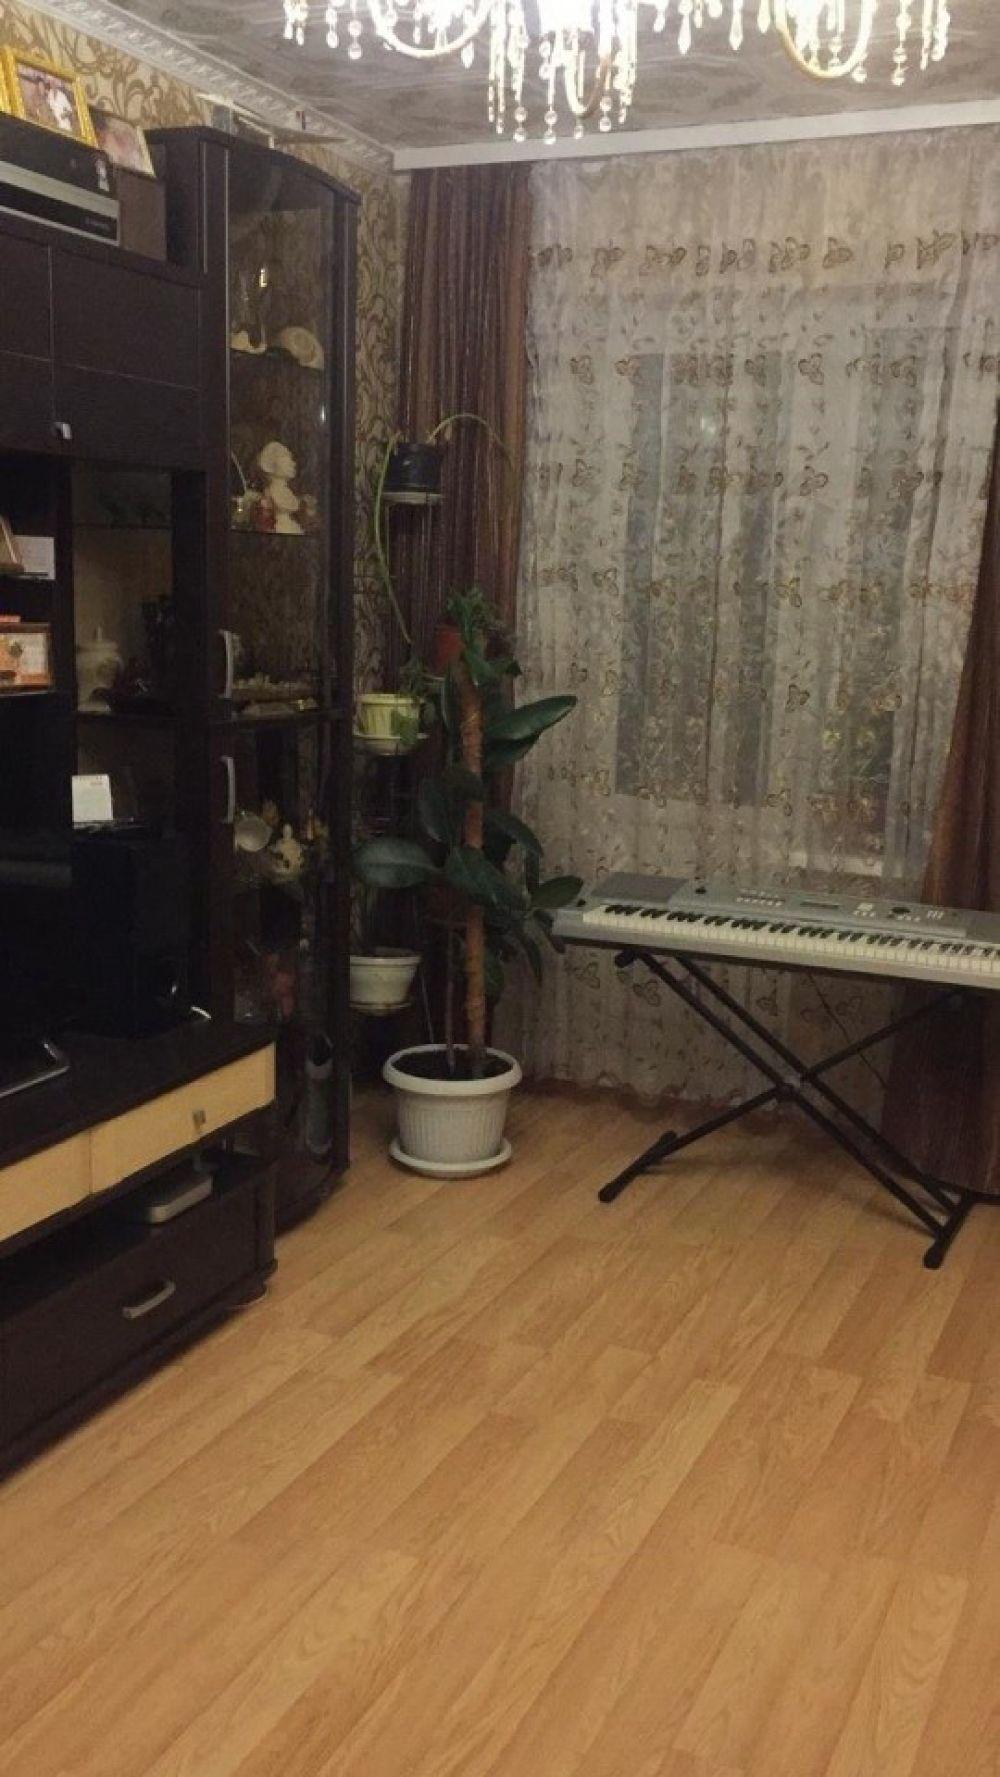 2-к квартира, 60 м2, 11/14 эт. Щёлково, микрорайон Финский, 9к2, фото 1